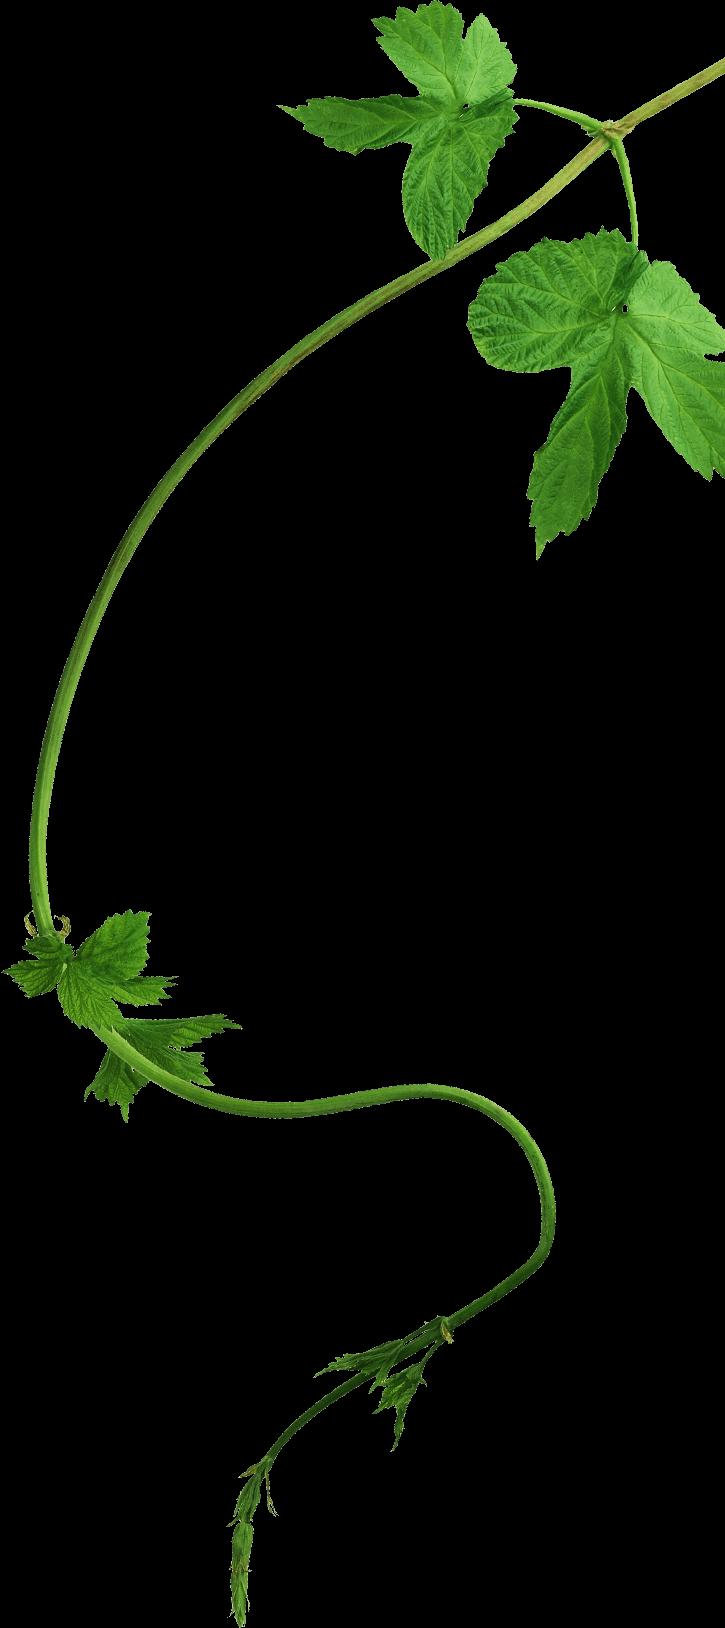 Branche de houblon